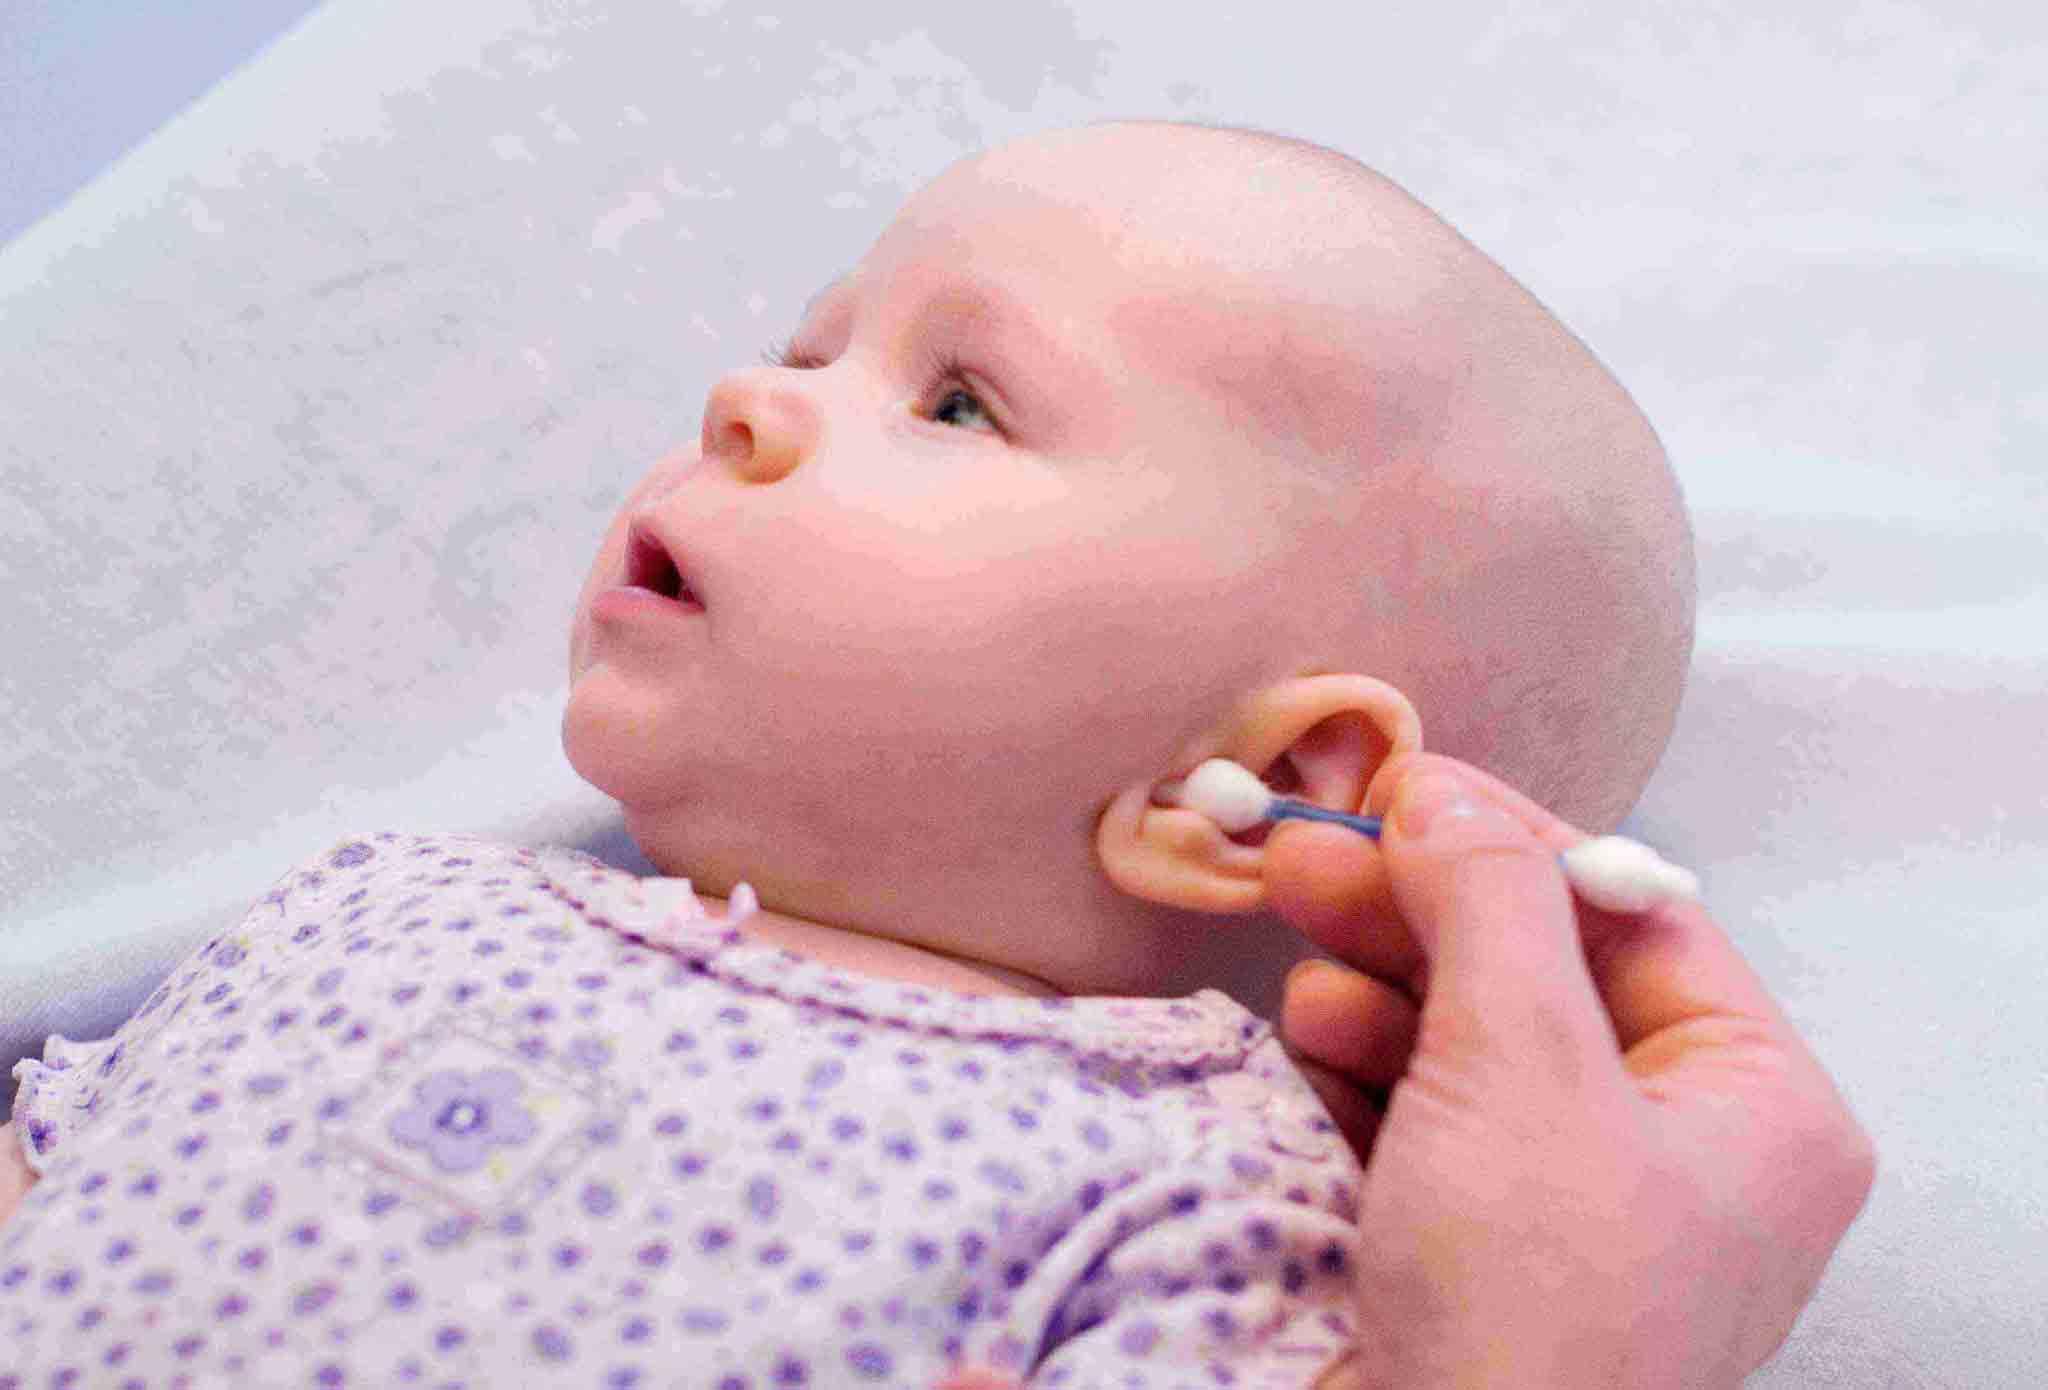 تمیز کردن گوش نوزاد |نگهداری از نوزادان | خدمات پرستاری مهرپرور